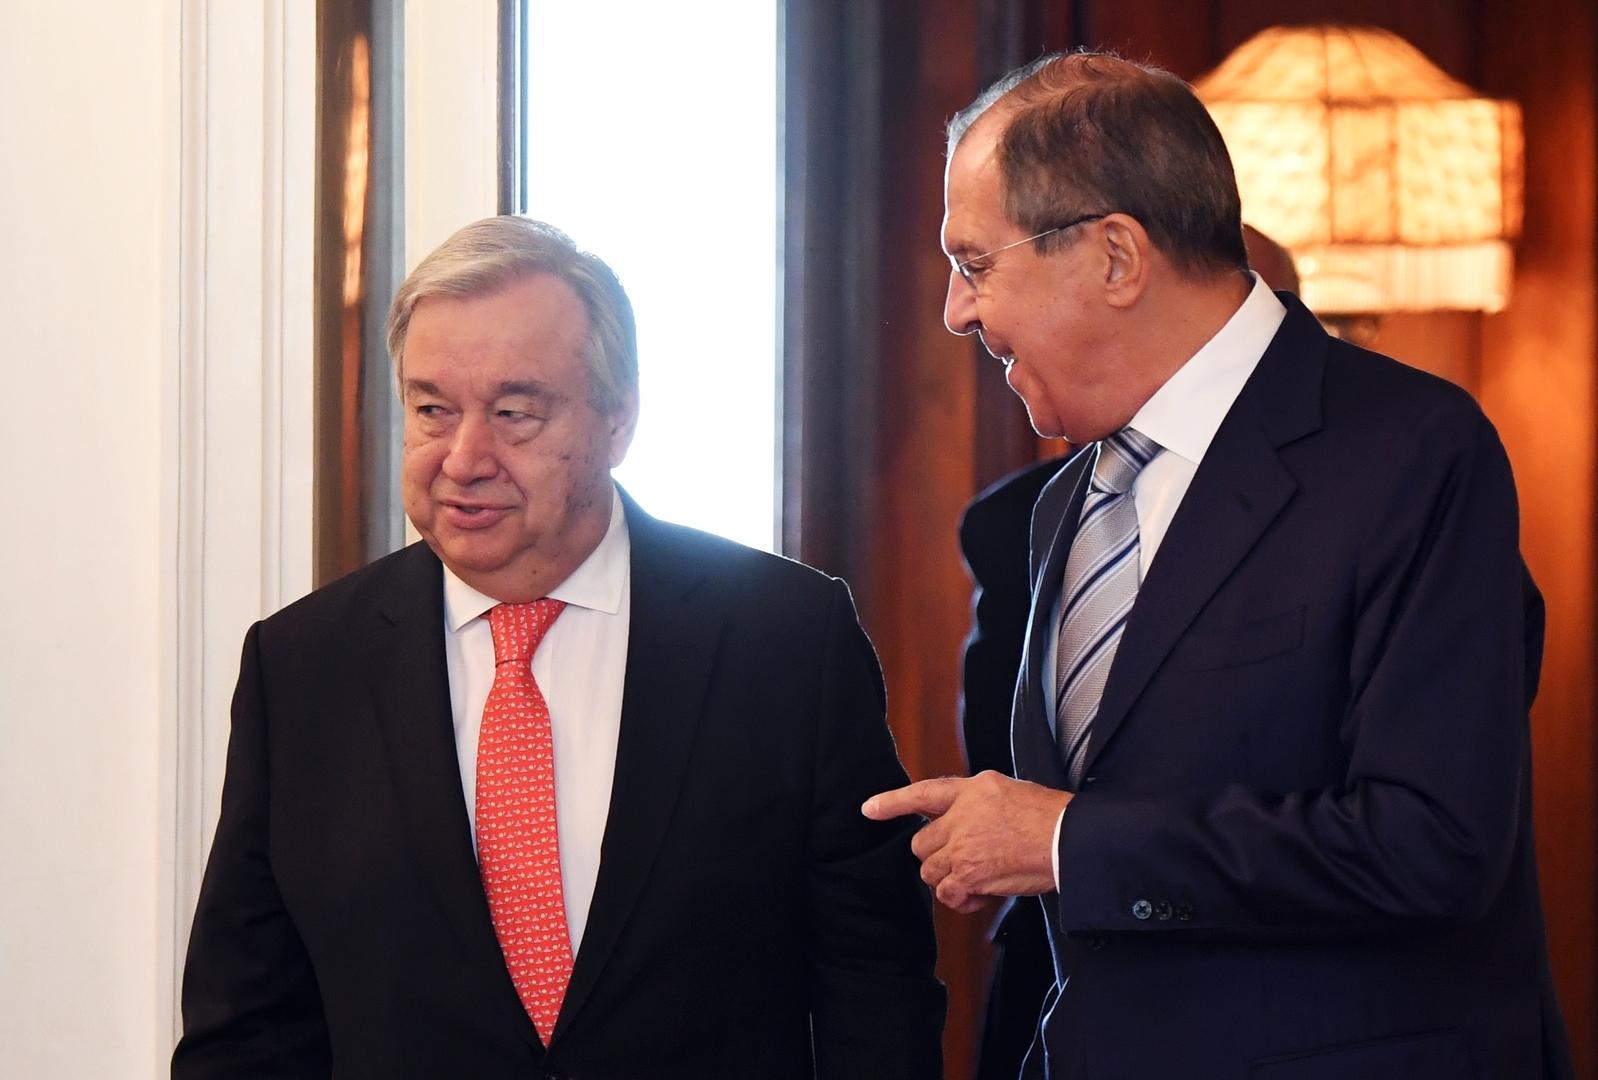 وزير الخارجية الروسي، سيرغي لافروف، والأمين العام للأمم المتحدة، أنطونيو غوتيريش - أرشيف